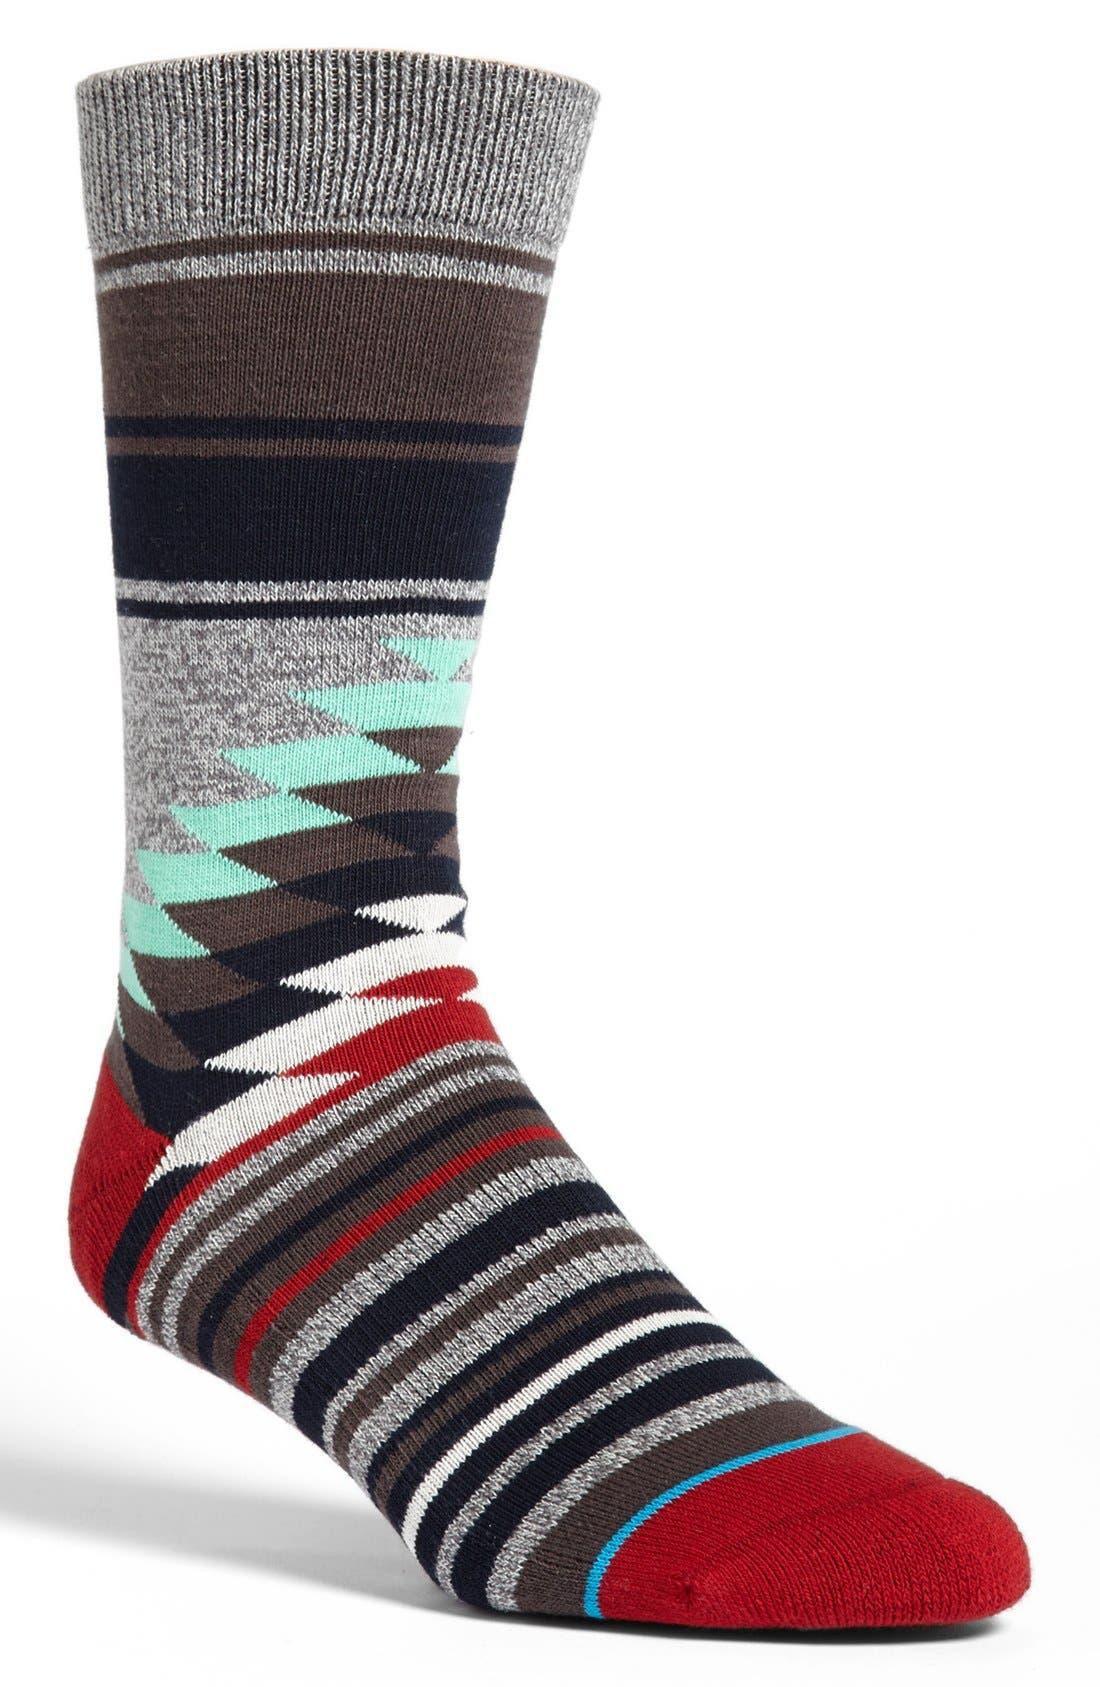 Alternate Image 1 Selected - Stance 'Laredo' Socks